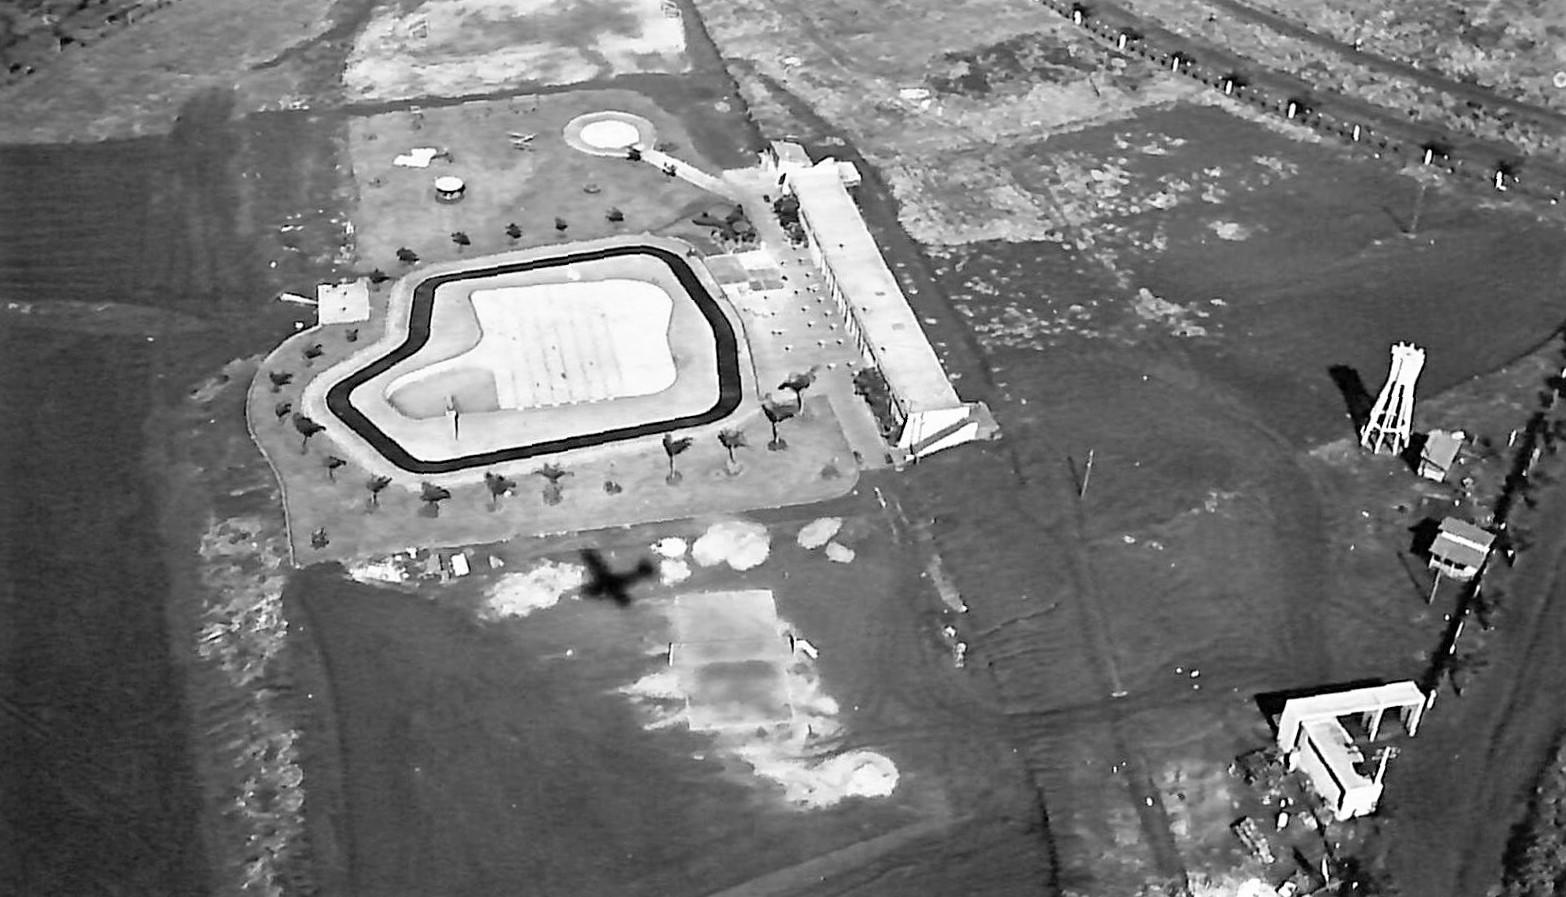 Country Club de Maringá em obras - Final dos anos 1950